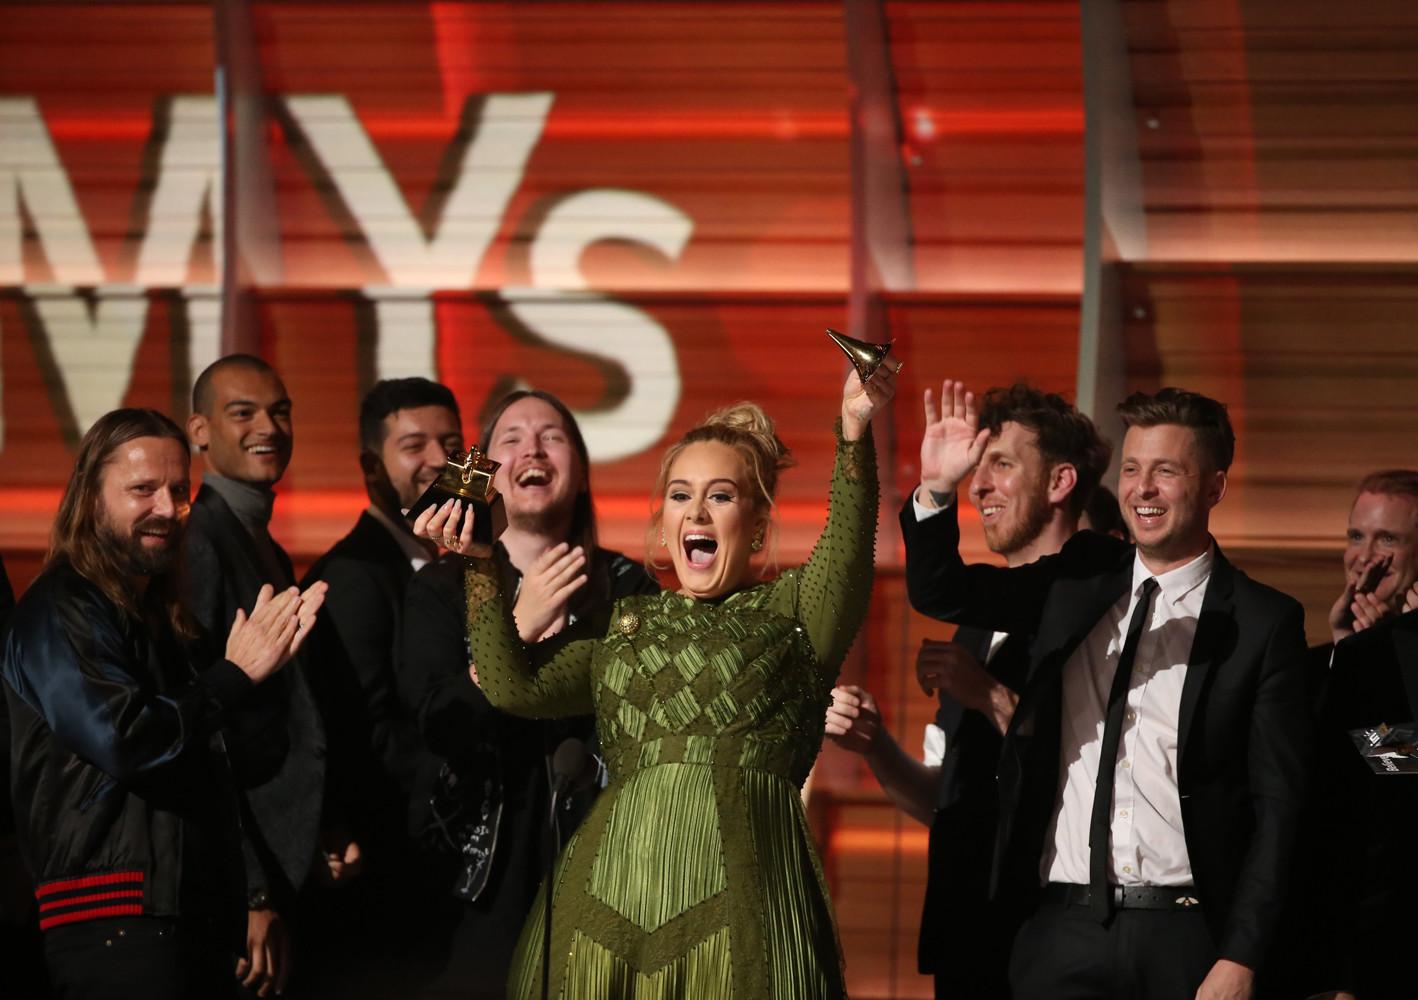 Адель отказалась принять награду в номинации «Альбом года» и вручила её Бейонсе, сказав, что та больше этого заслуживает.